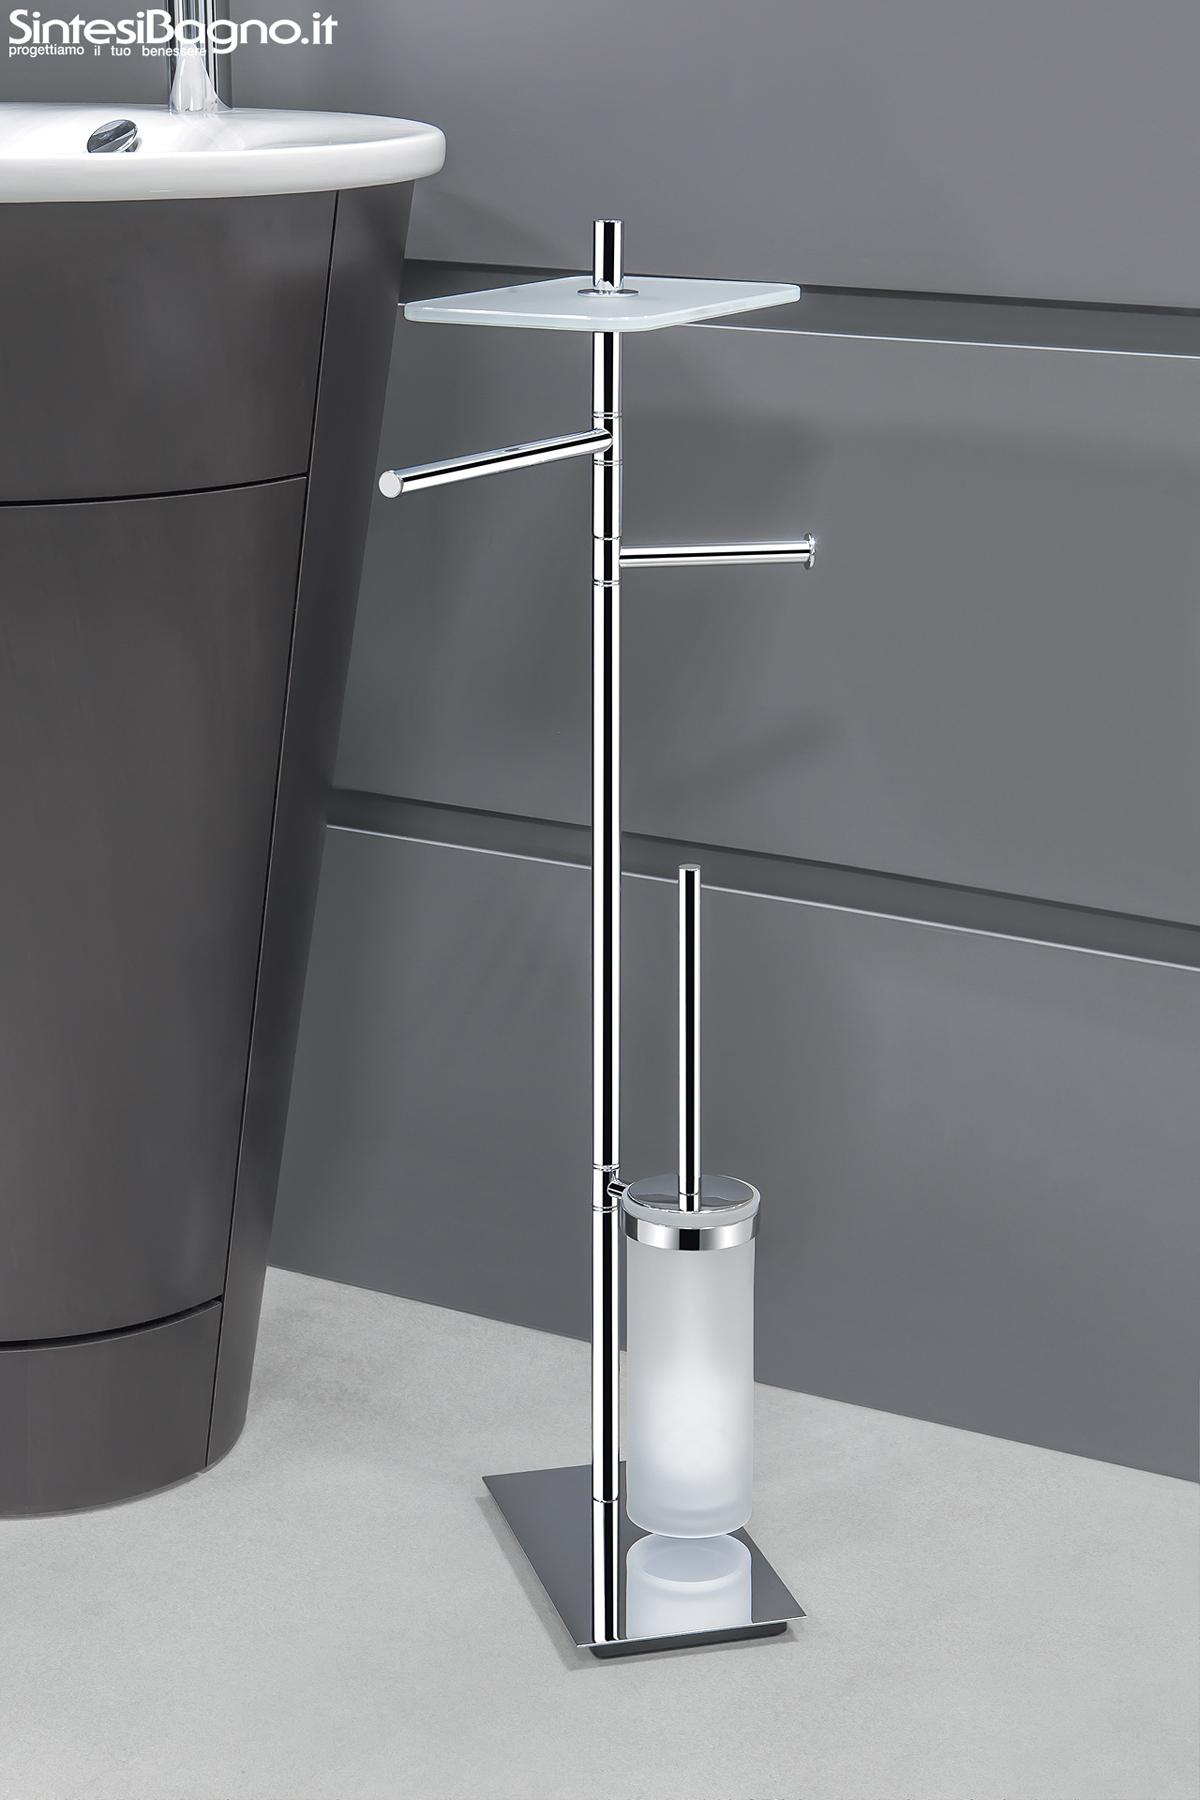 B9908-accessori-bagno-colombo-piantane-square-sintesibagno